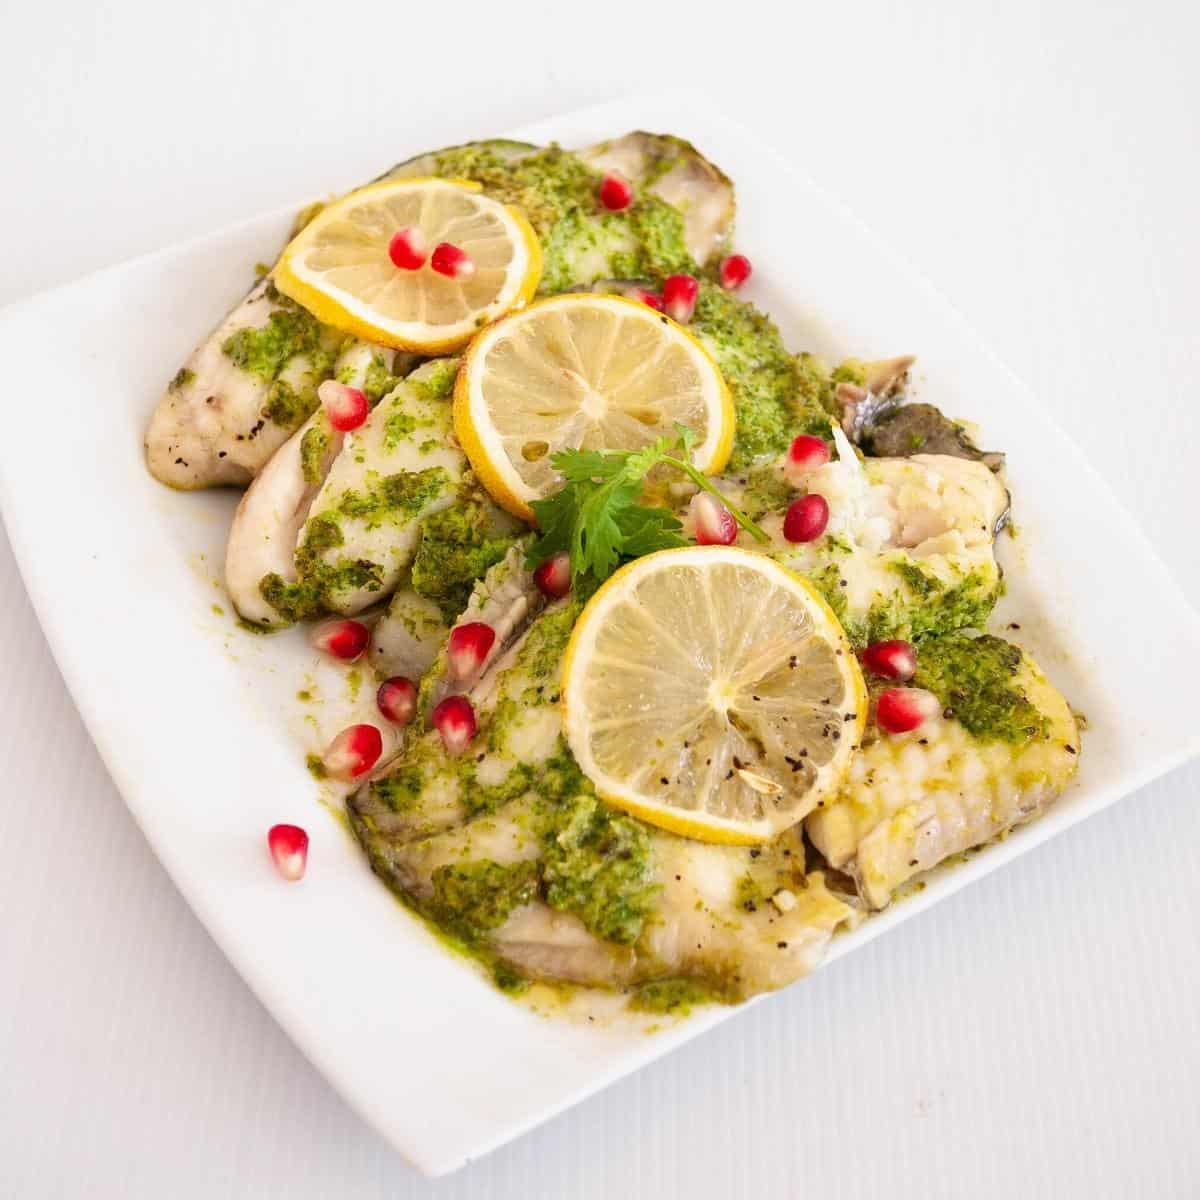 Baked fish fillets on a serving platter.